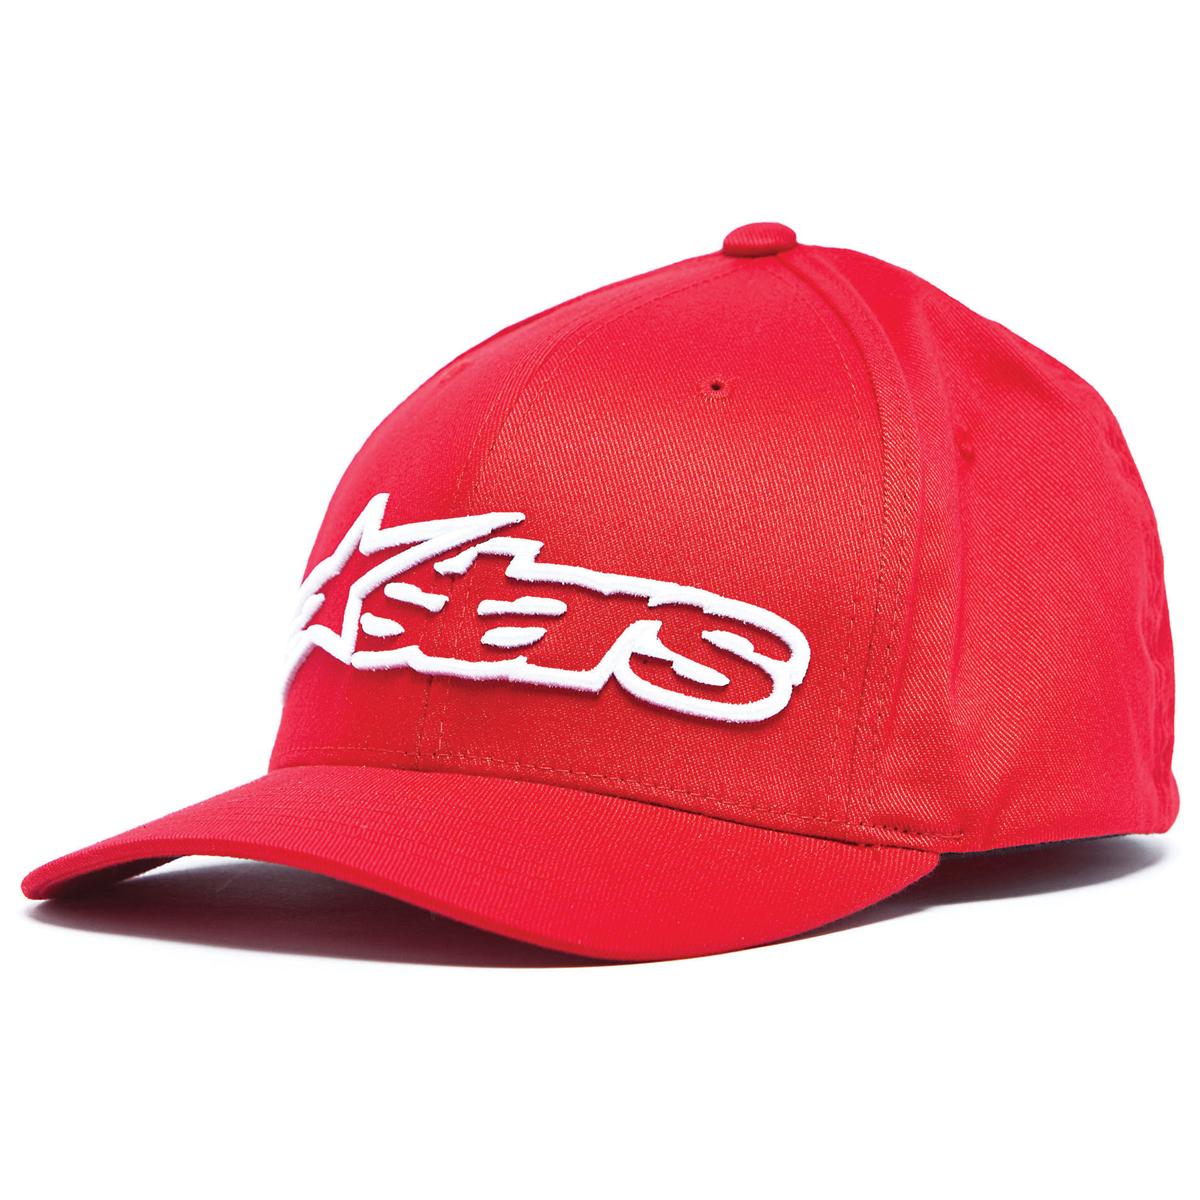 Alpinestars Blaze Red/White Flexfit Hat